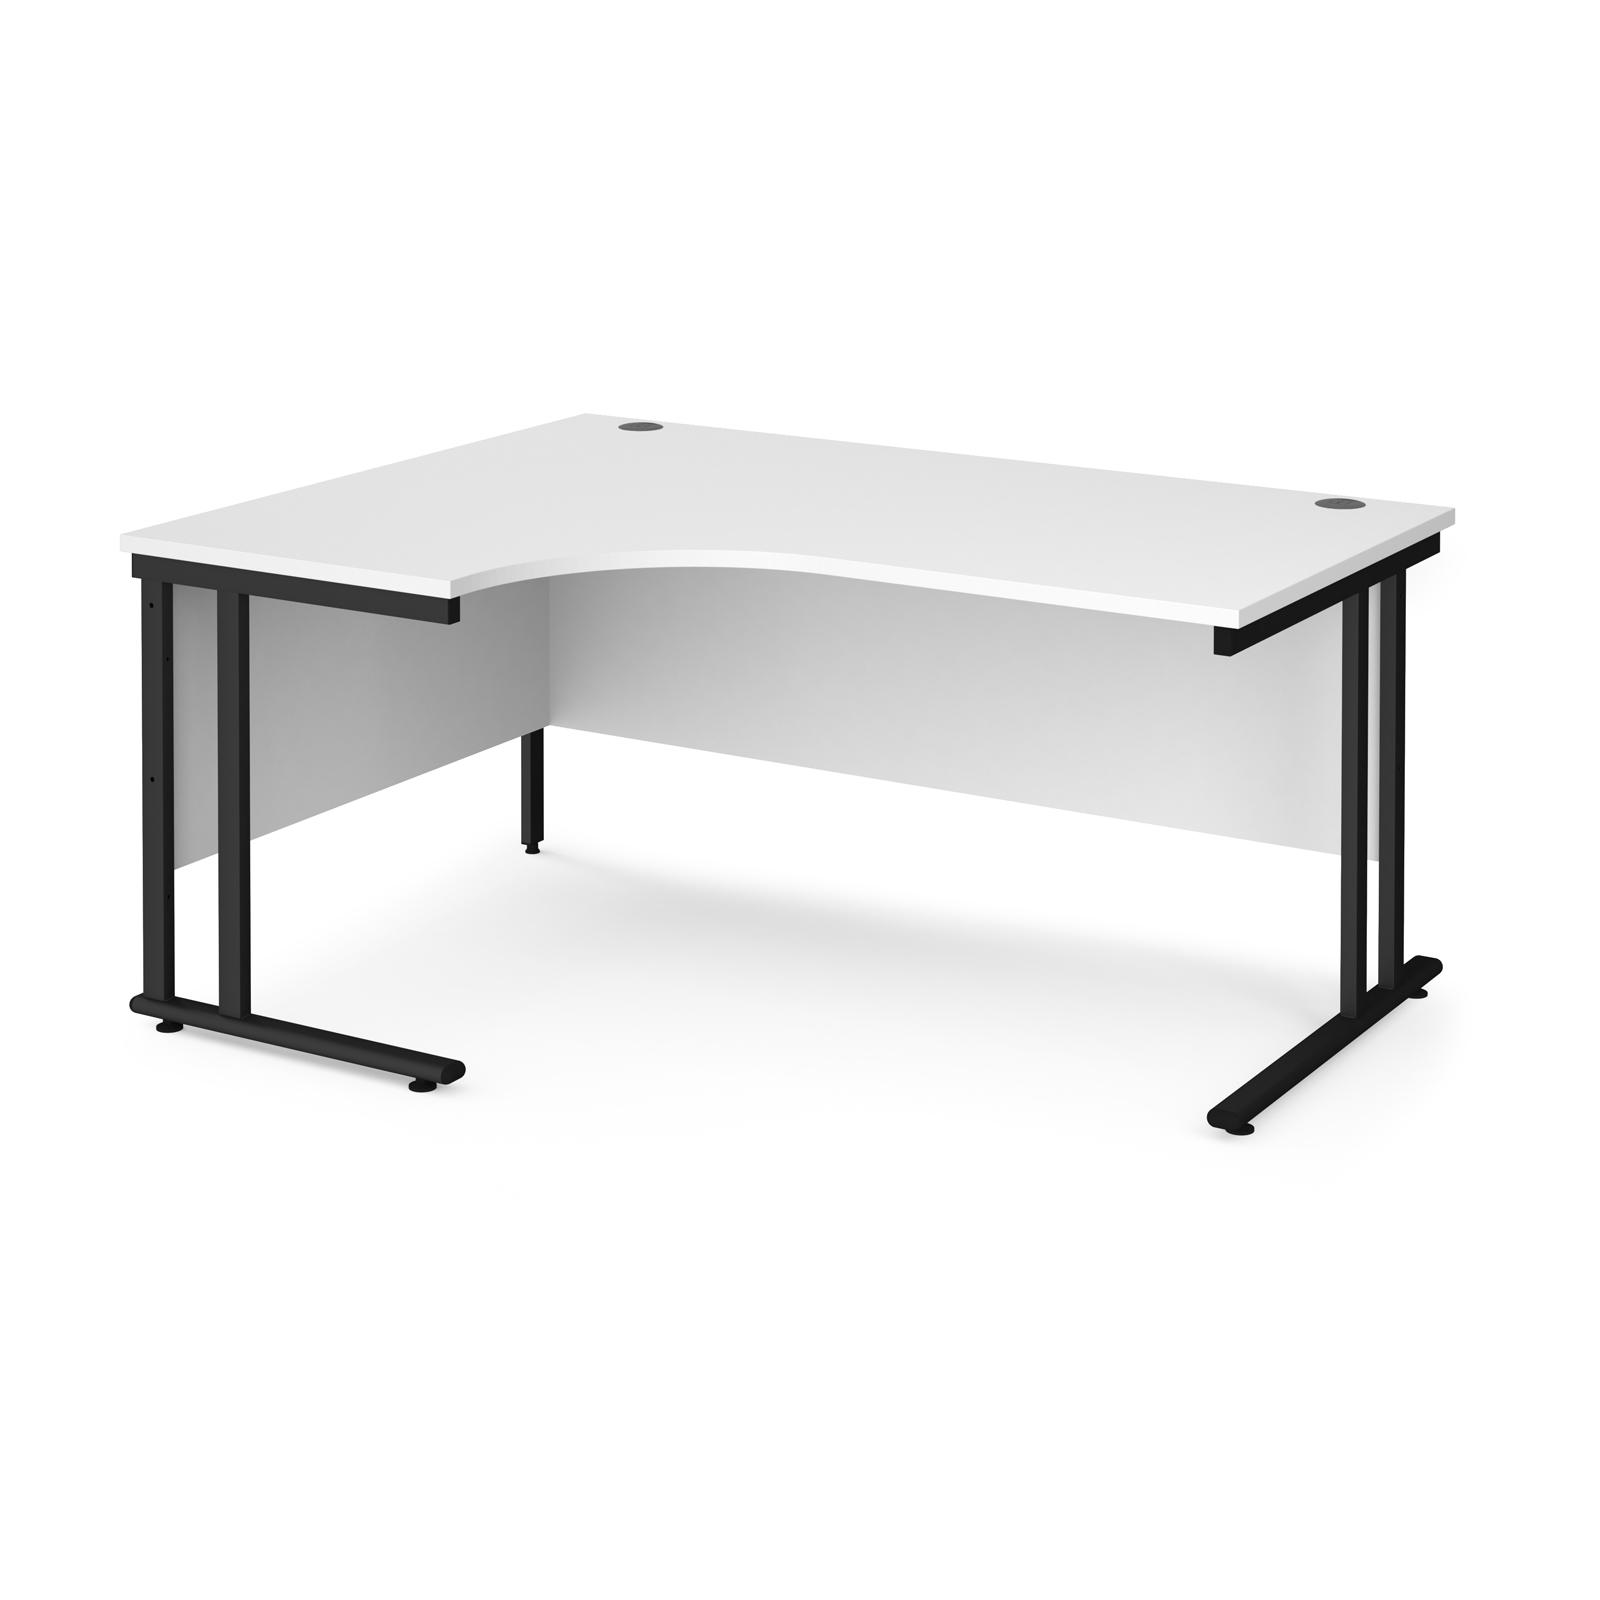 Maestro 25 left hand ergonomic desk 1600mm wide - black cantilever leg frame, white top